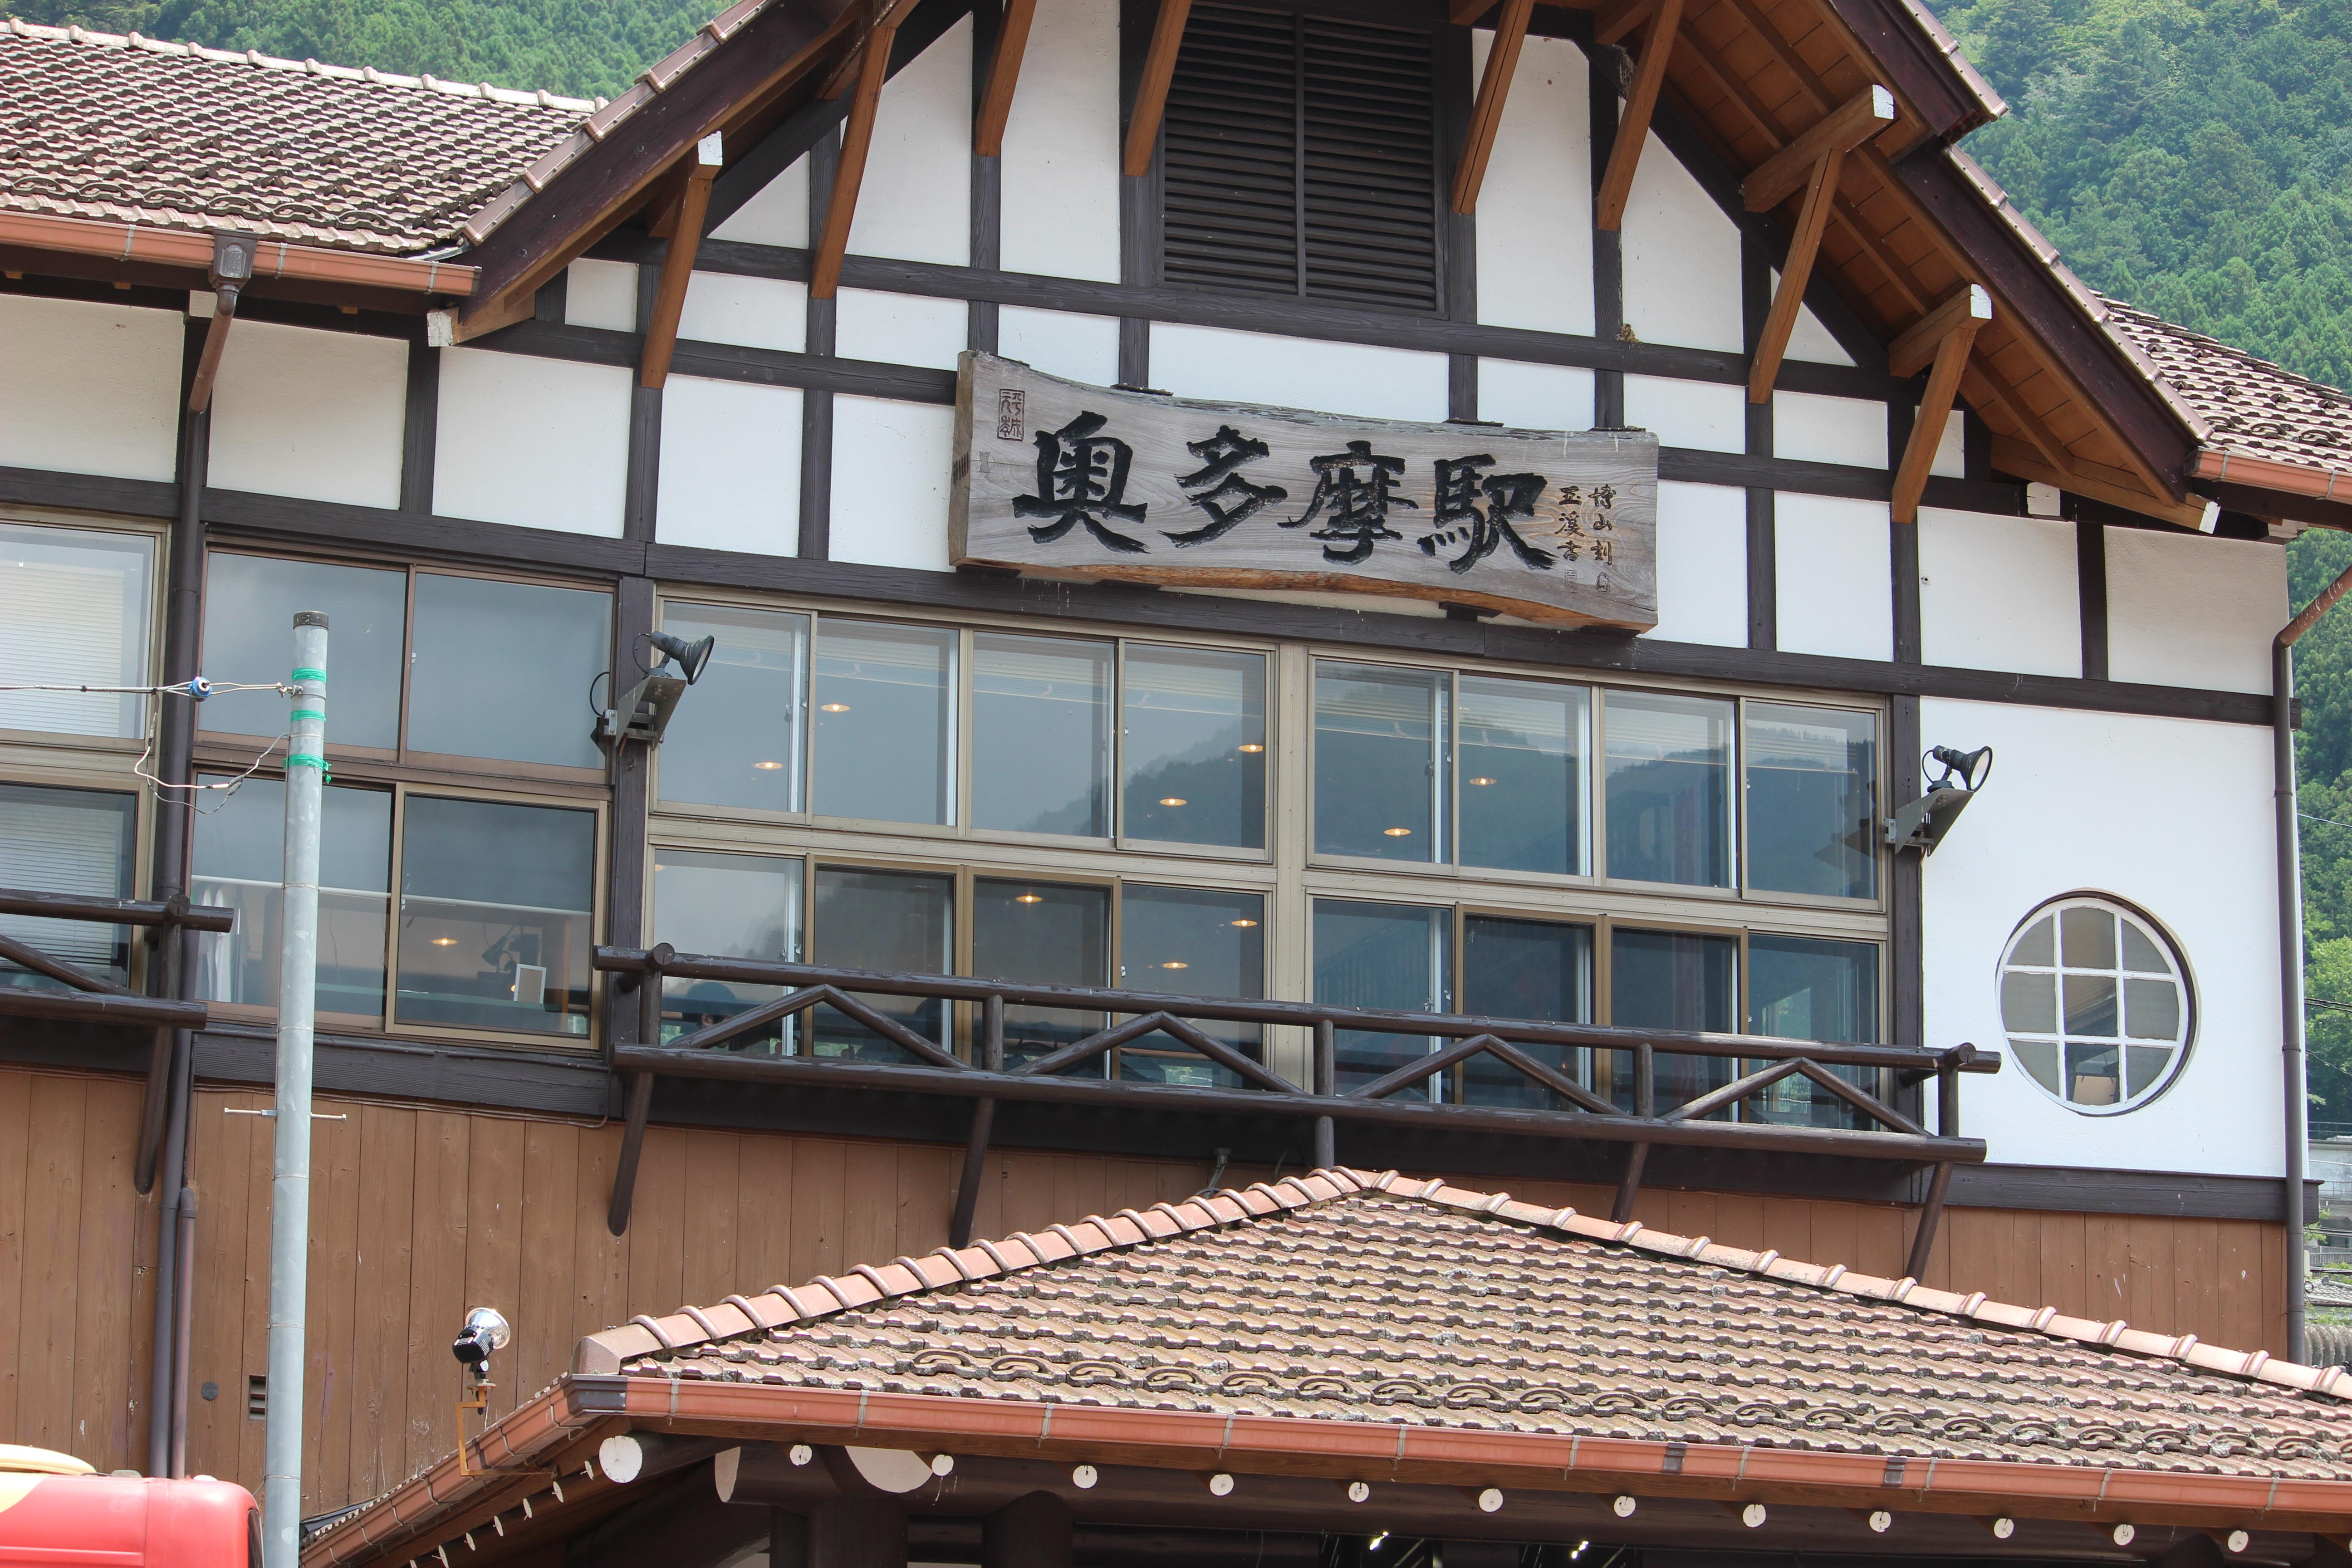 奥多摩へ流木を求めて~東京から電車で山川へ!